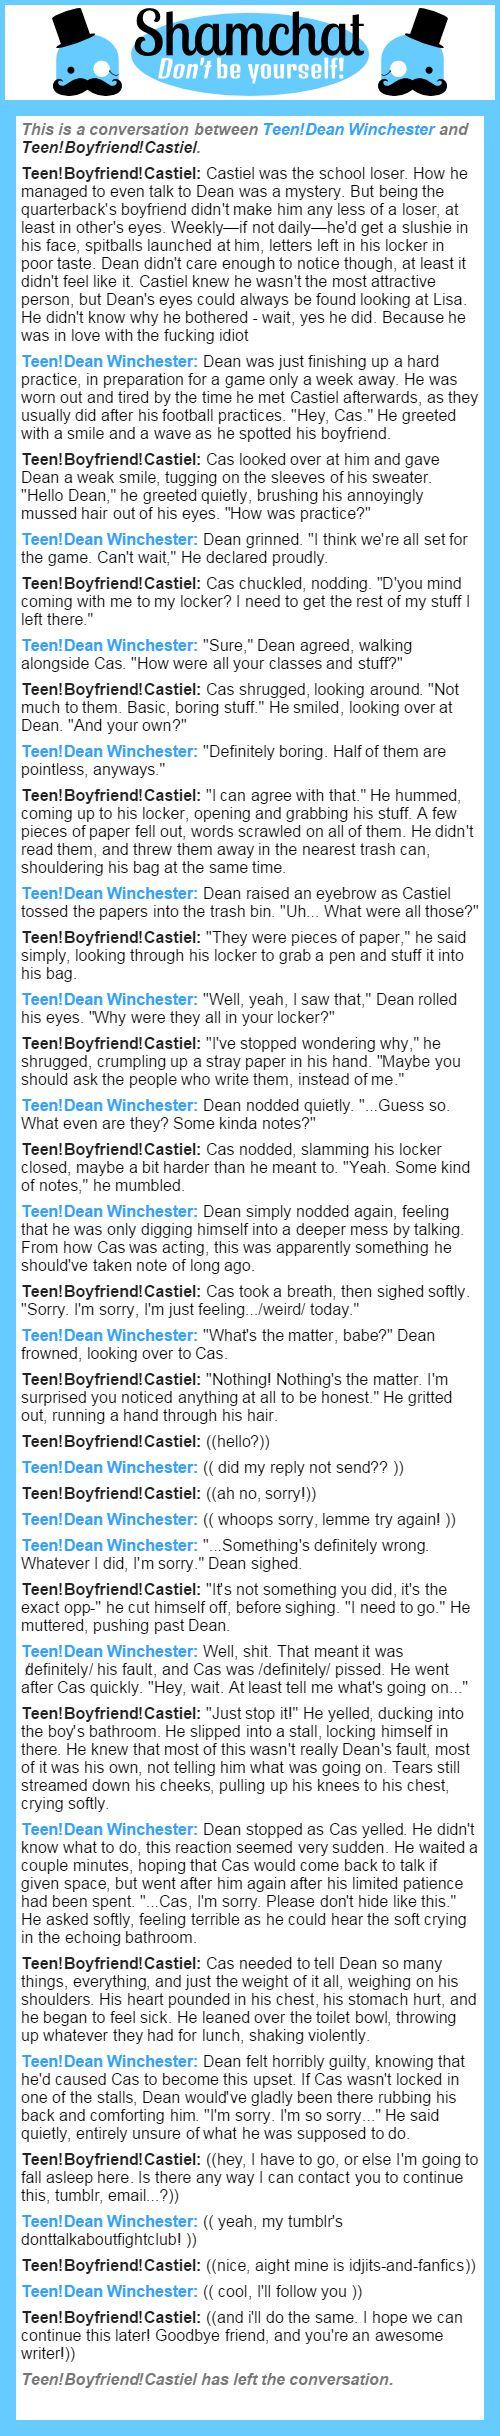 A conversation between Teen!Boyfriend!Castiel and Teen!Dean Winchester